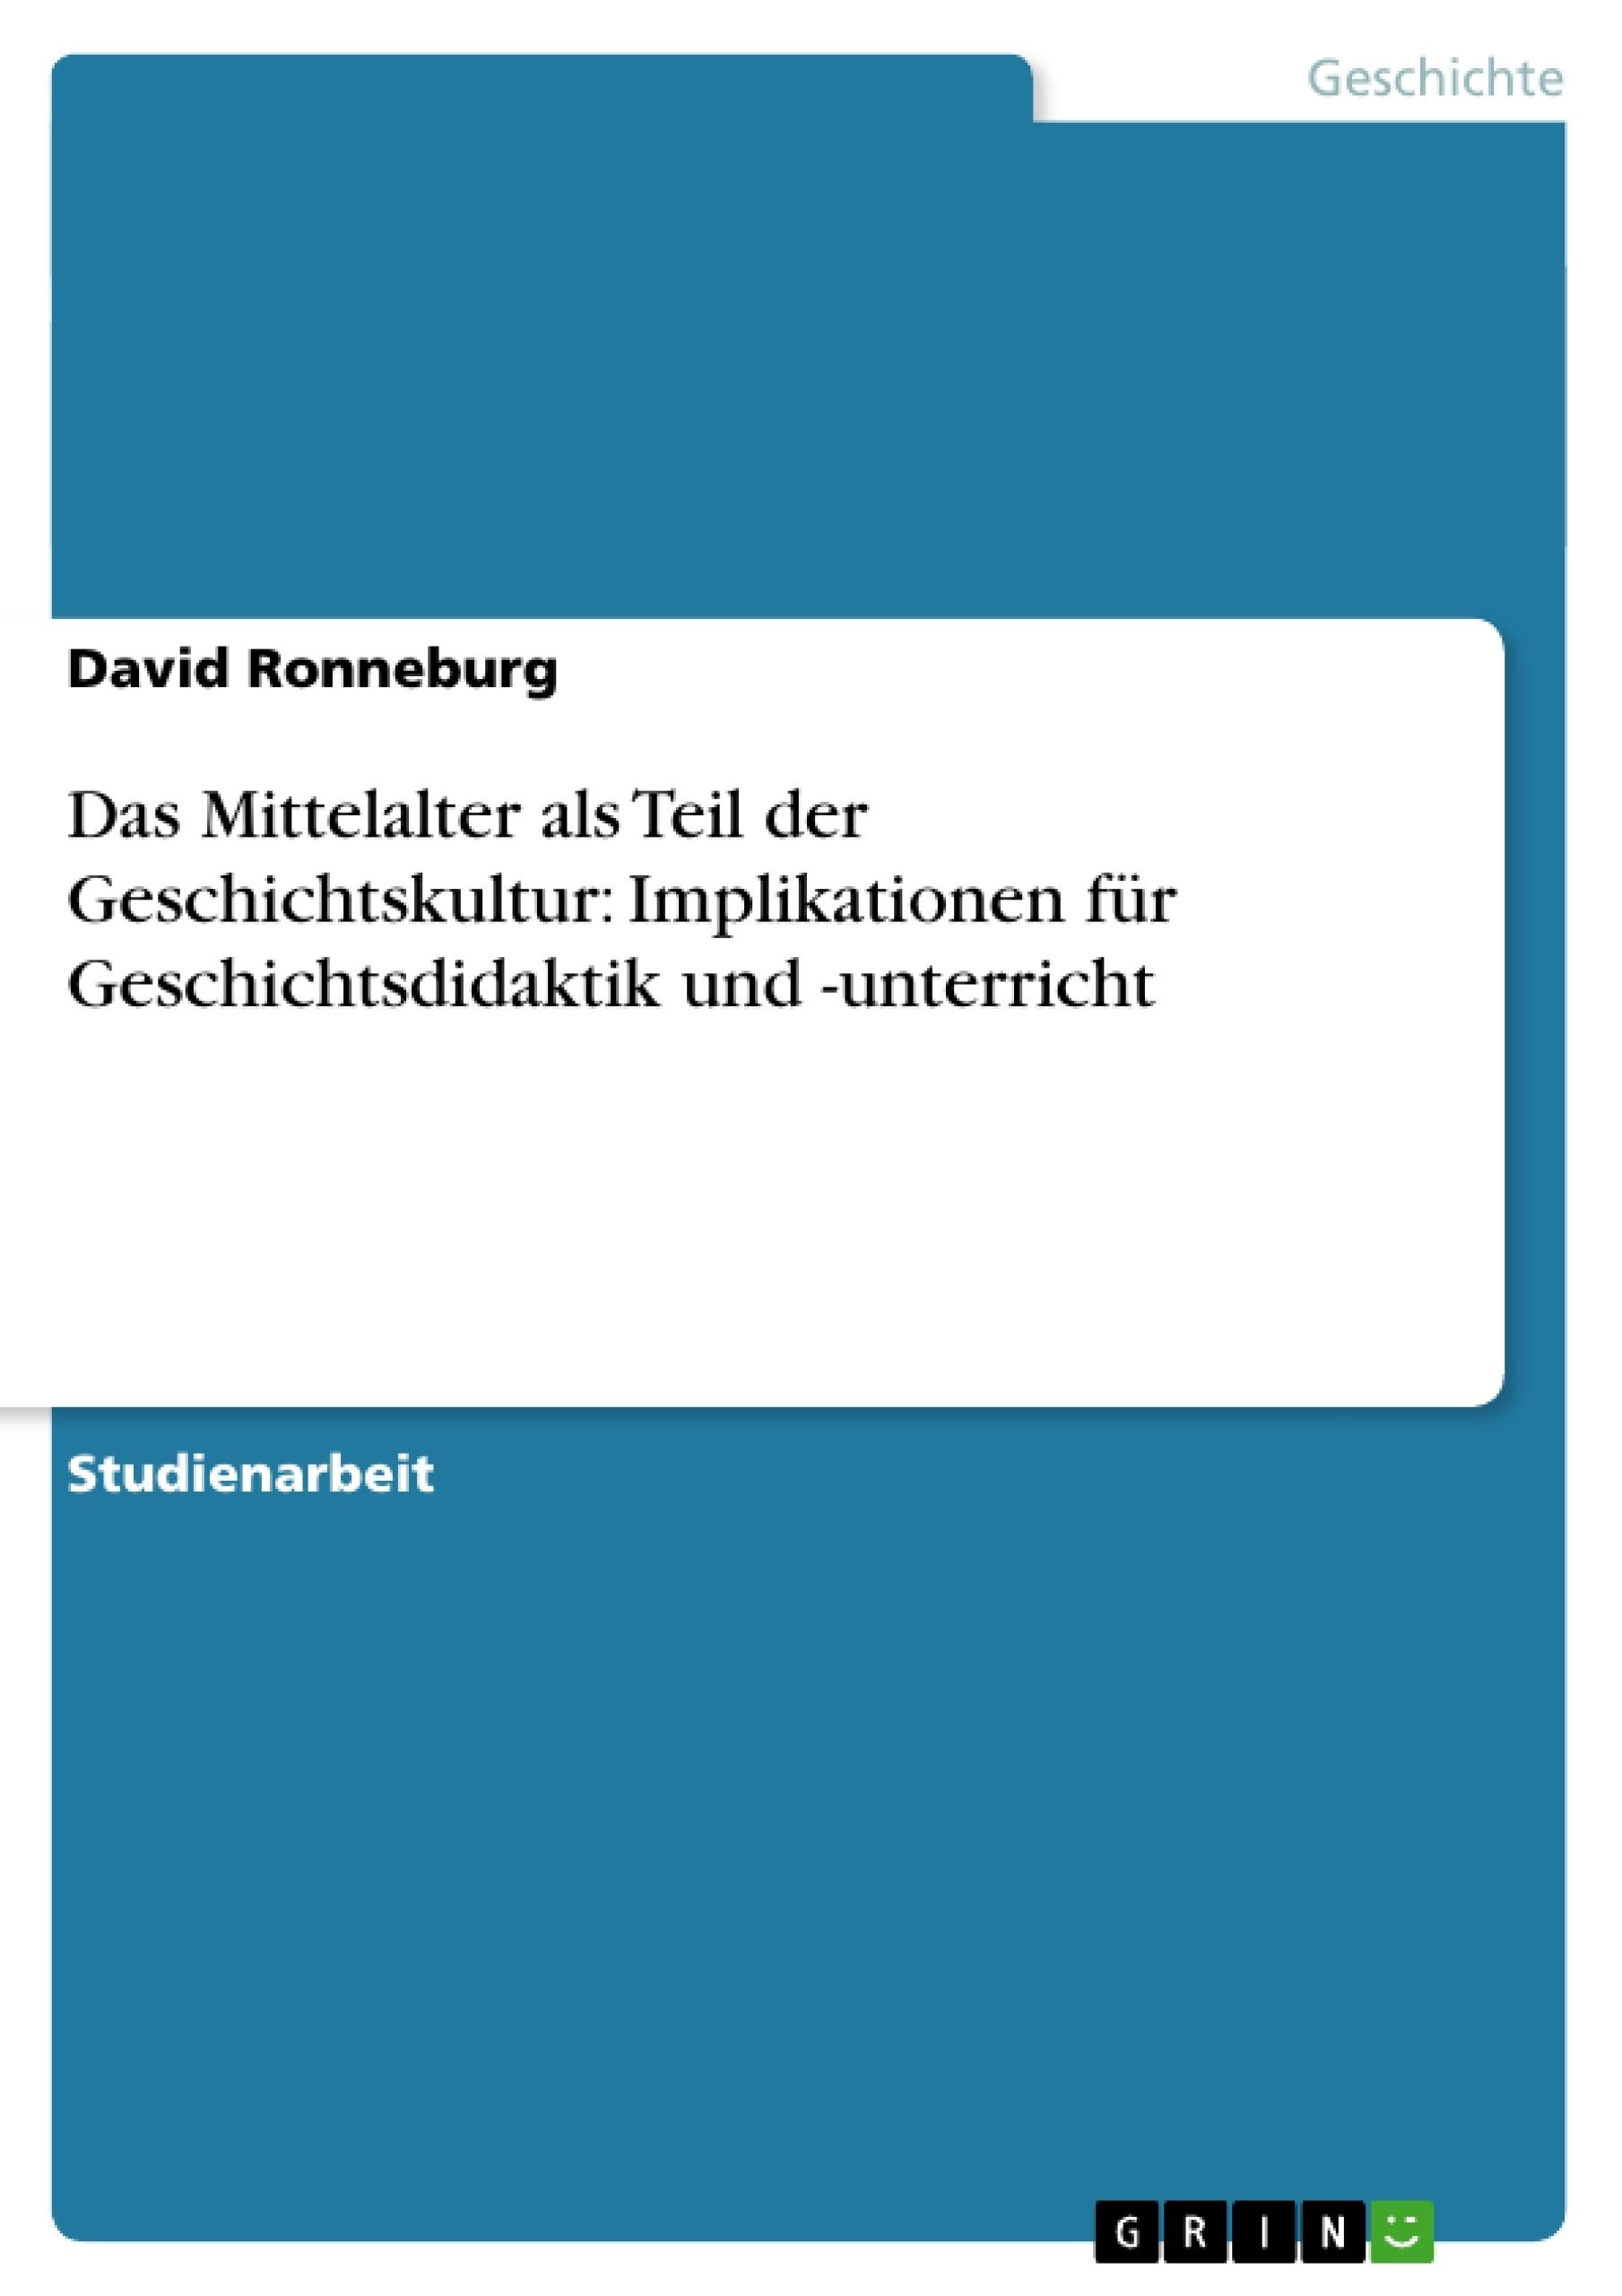 Titel: Das Mittelalter als Teil der Geschichtskultur: Implikationen für Geschichtsdidaktik und -unterricht